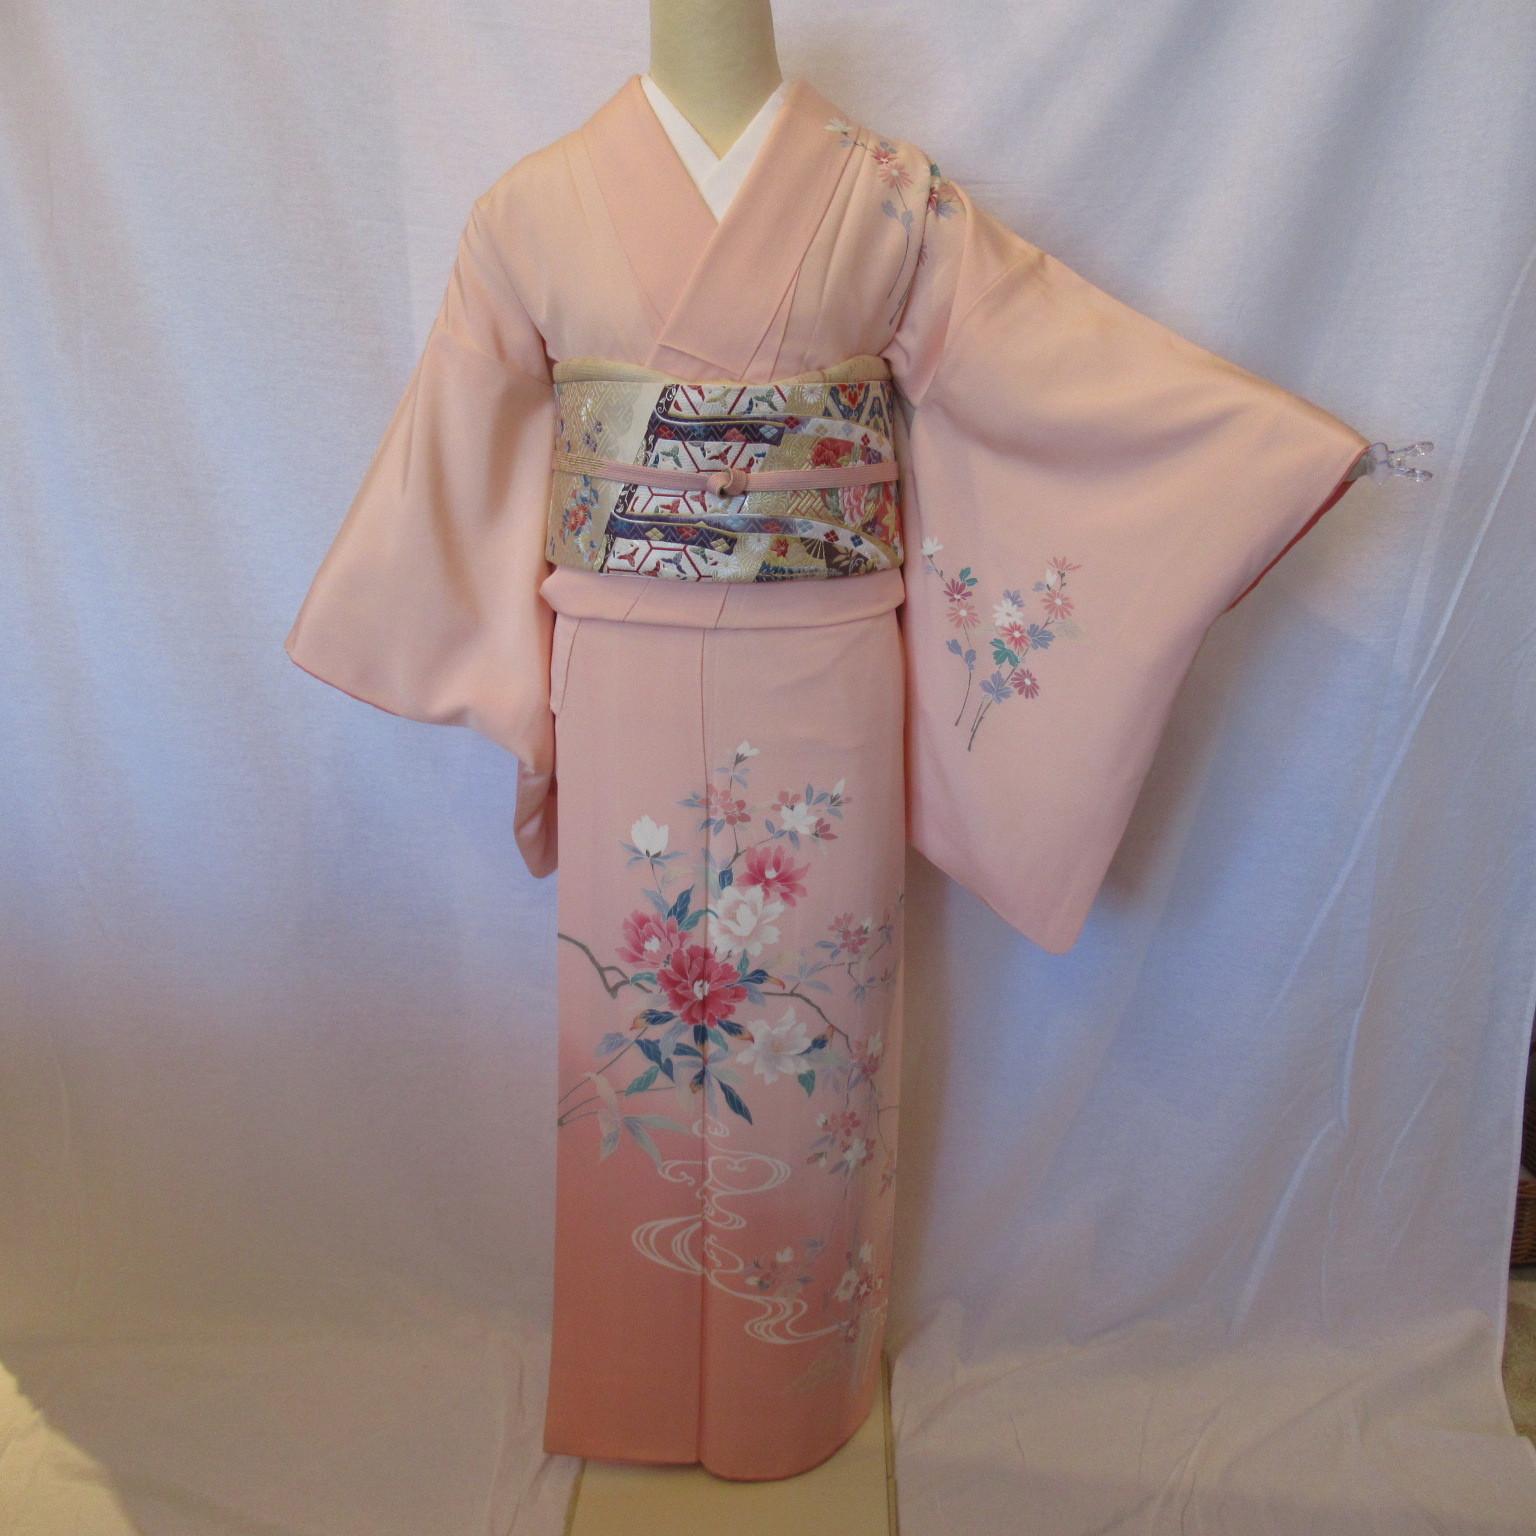 加賀友禅訪問着1336と西陣織袋帯2点セット